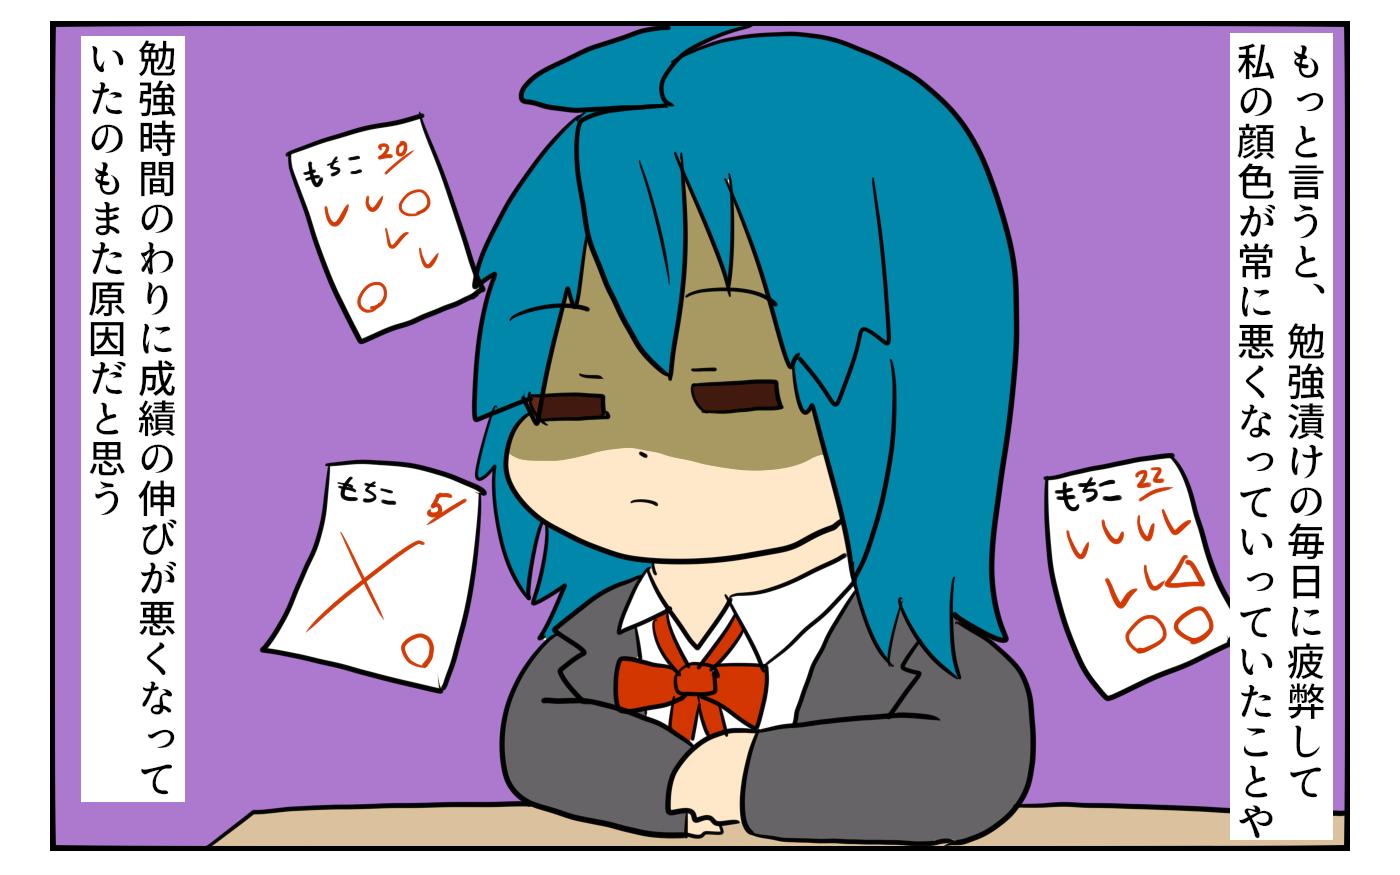 勉強漬けの毎日に疲弊して、明らかに私の表情が暗くなったことも、影響しているかもしれません